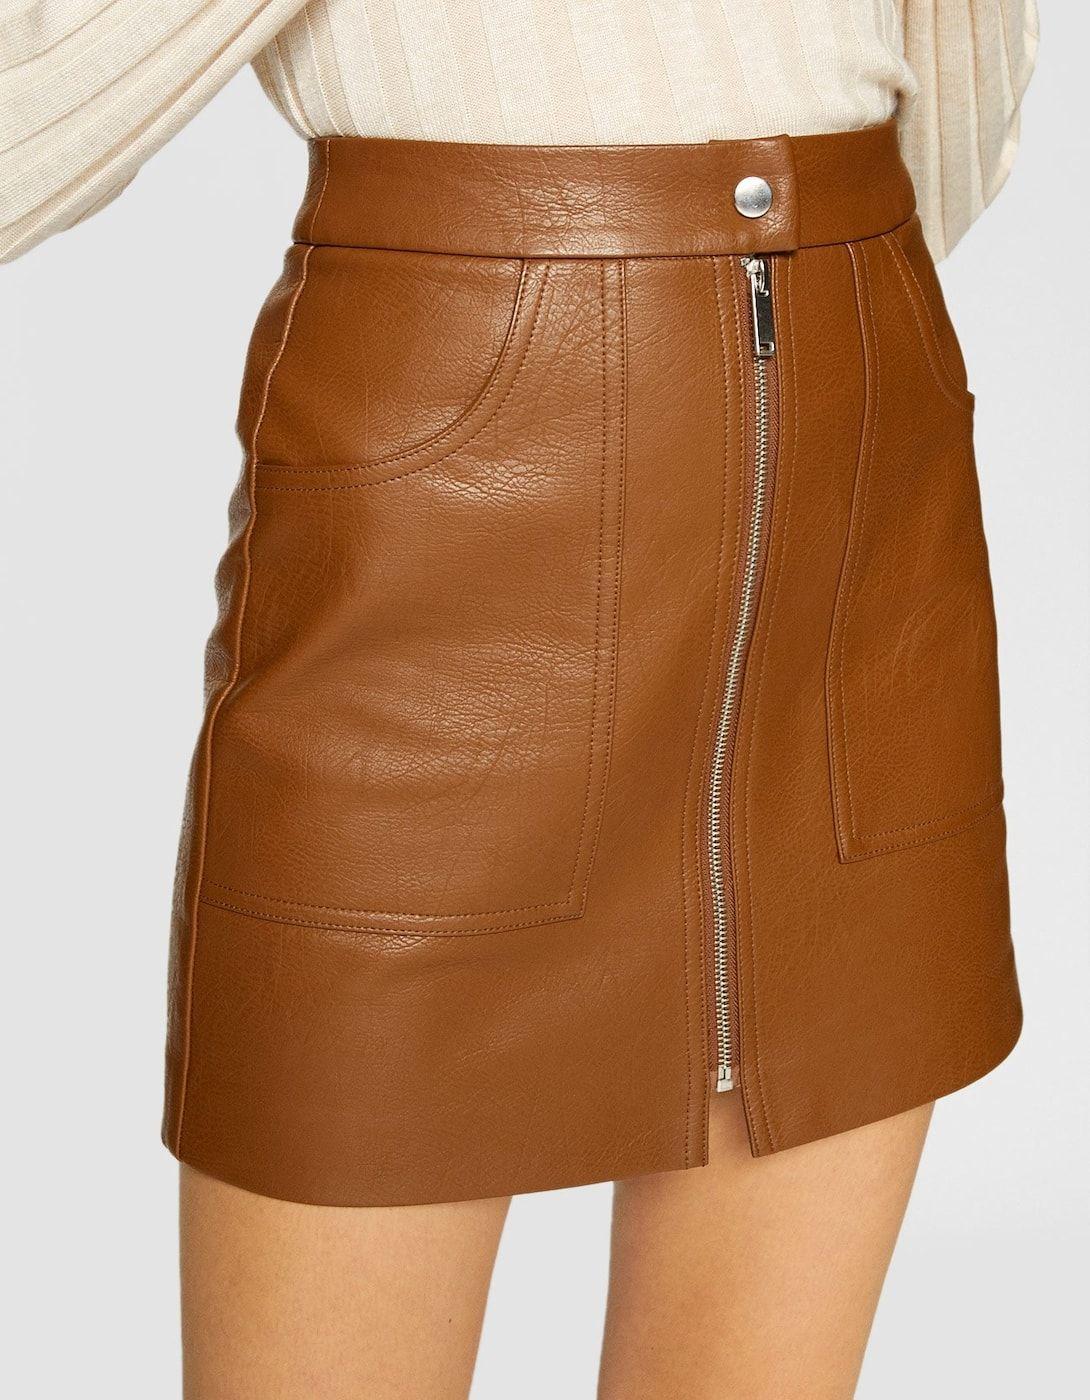 86fdfc5d6 Falda efecto piel zipper | faldas | Falda efecto piel, Faldas y ...